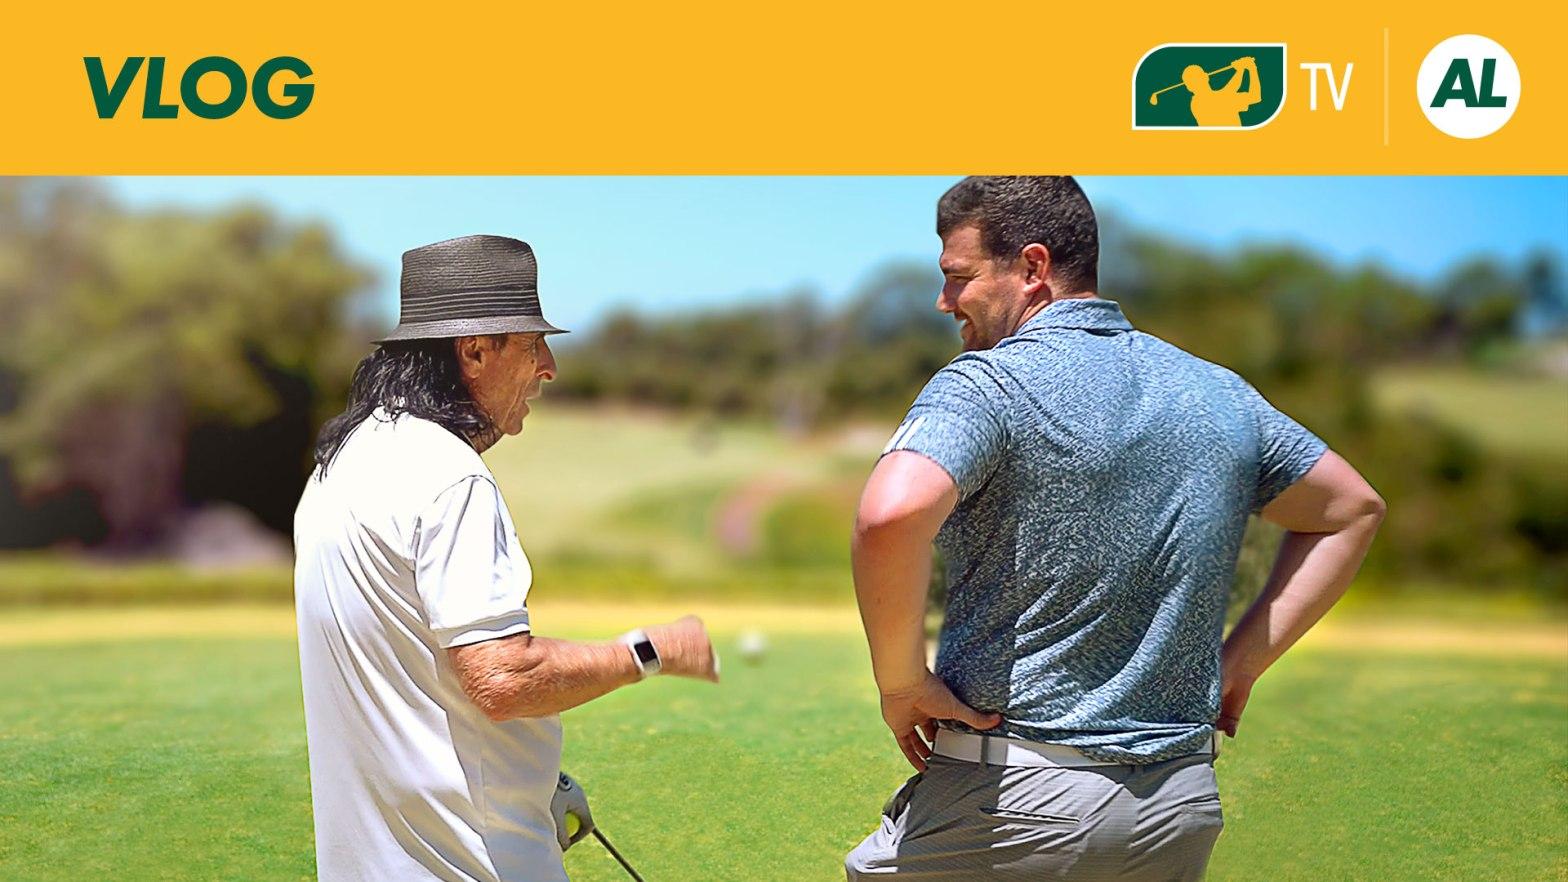 alex etches & alice cooper golf